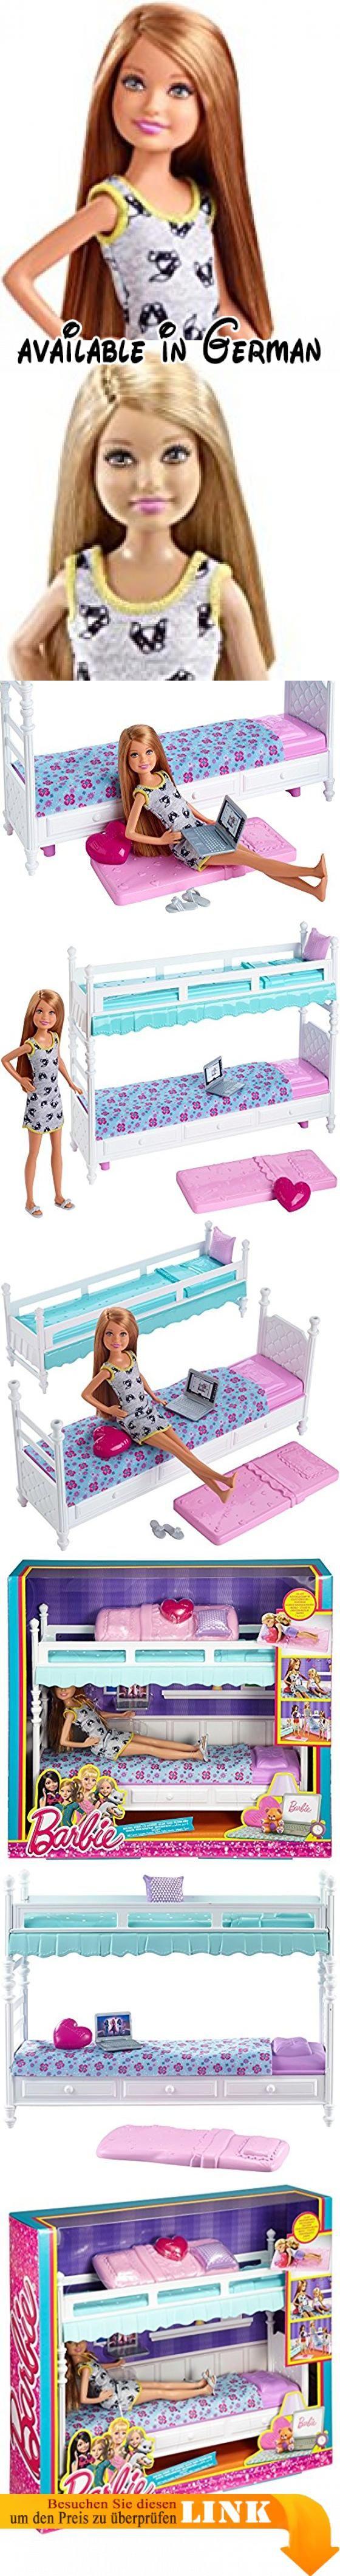 Mattel Barbie Stacie mit Hochbett. Einheiten wurden speziell mit ...